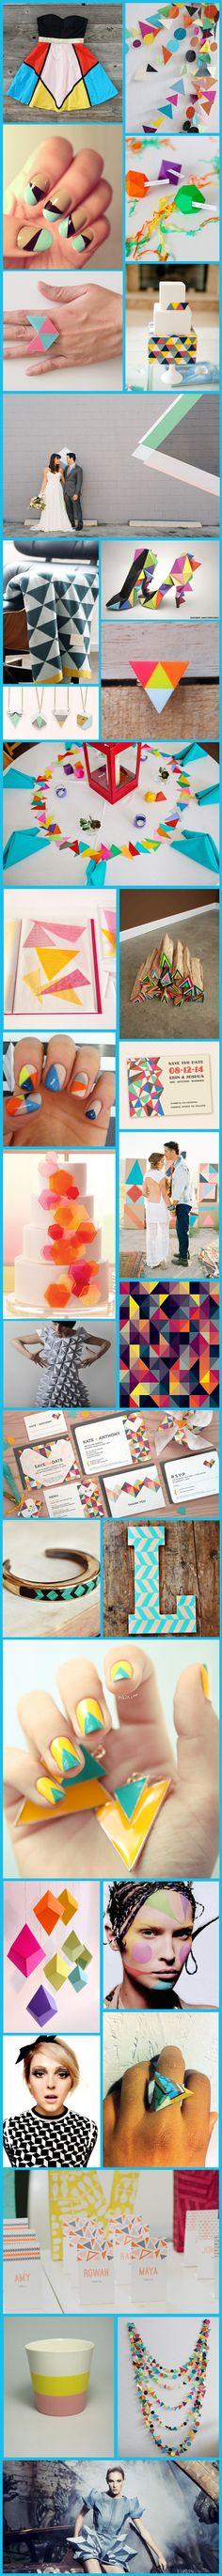 Wednesday Wedding Inspiration: Geometric Shapes